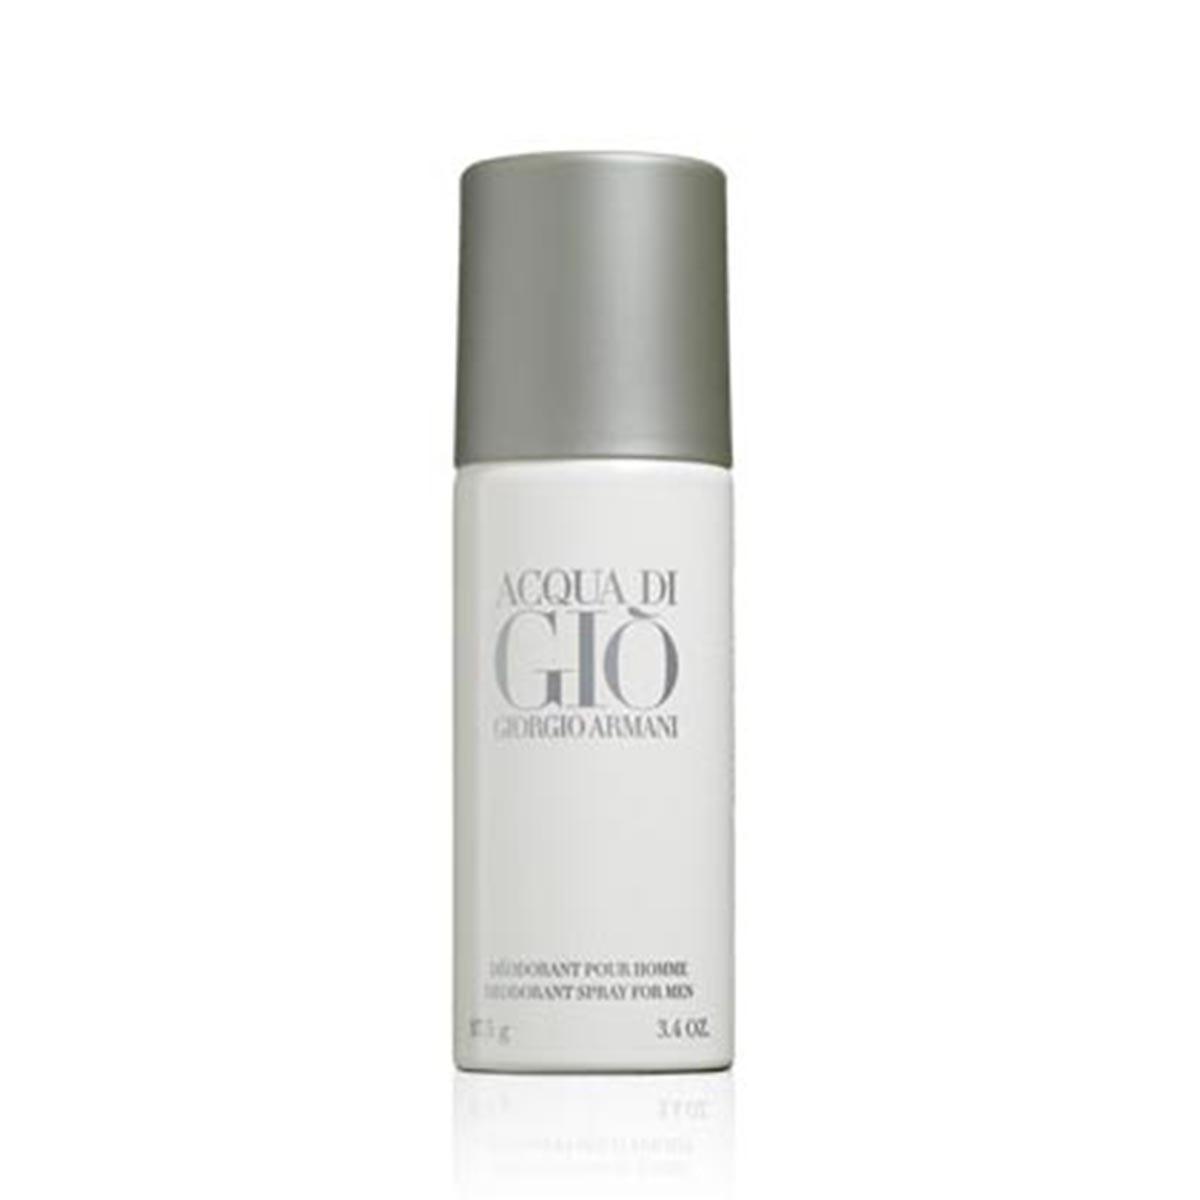 Giorgio Armani Acqua Gio Men Deodorant 150ml One Size